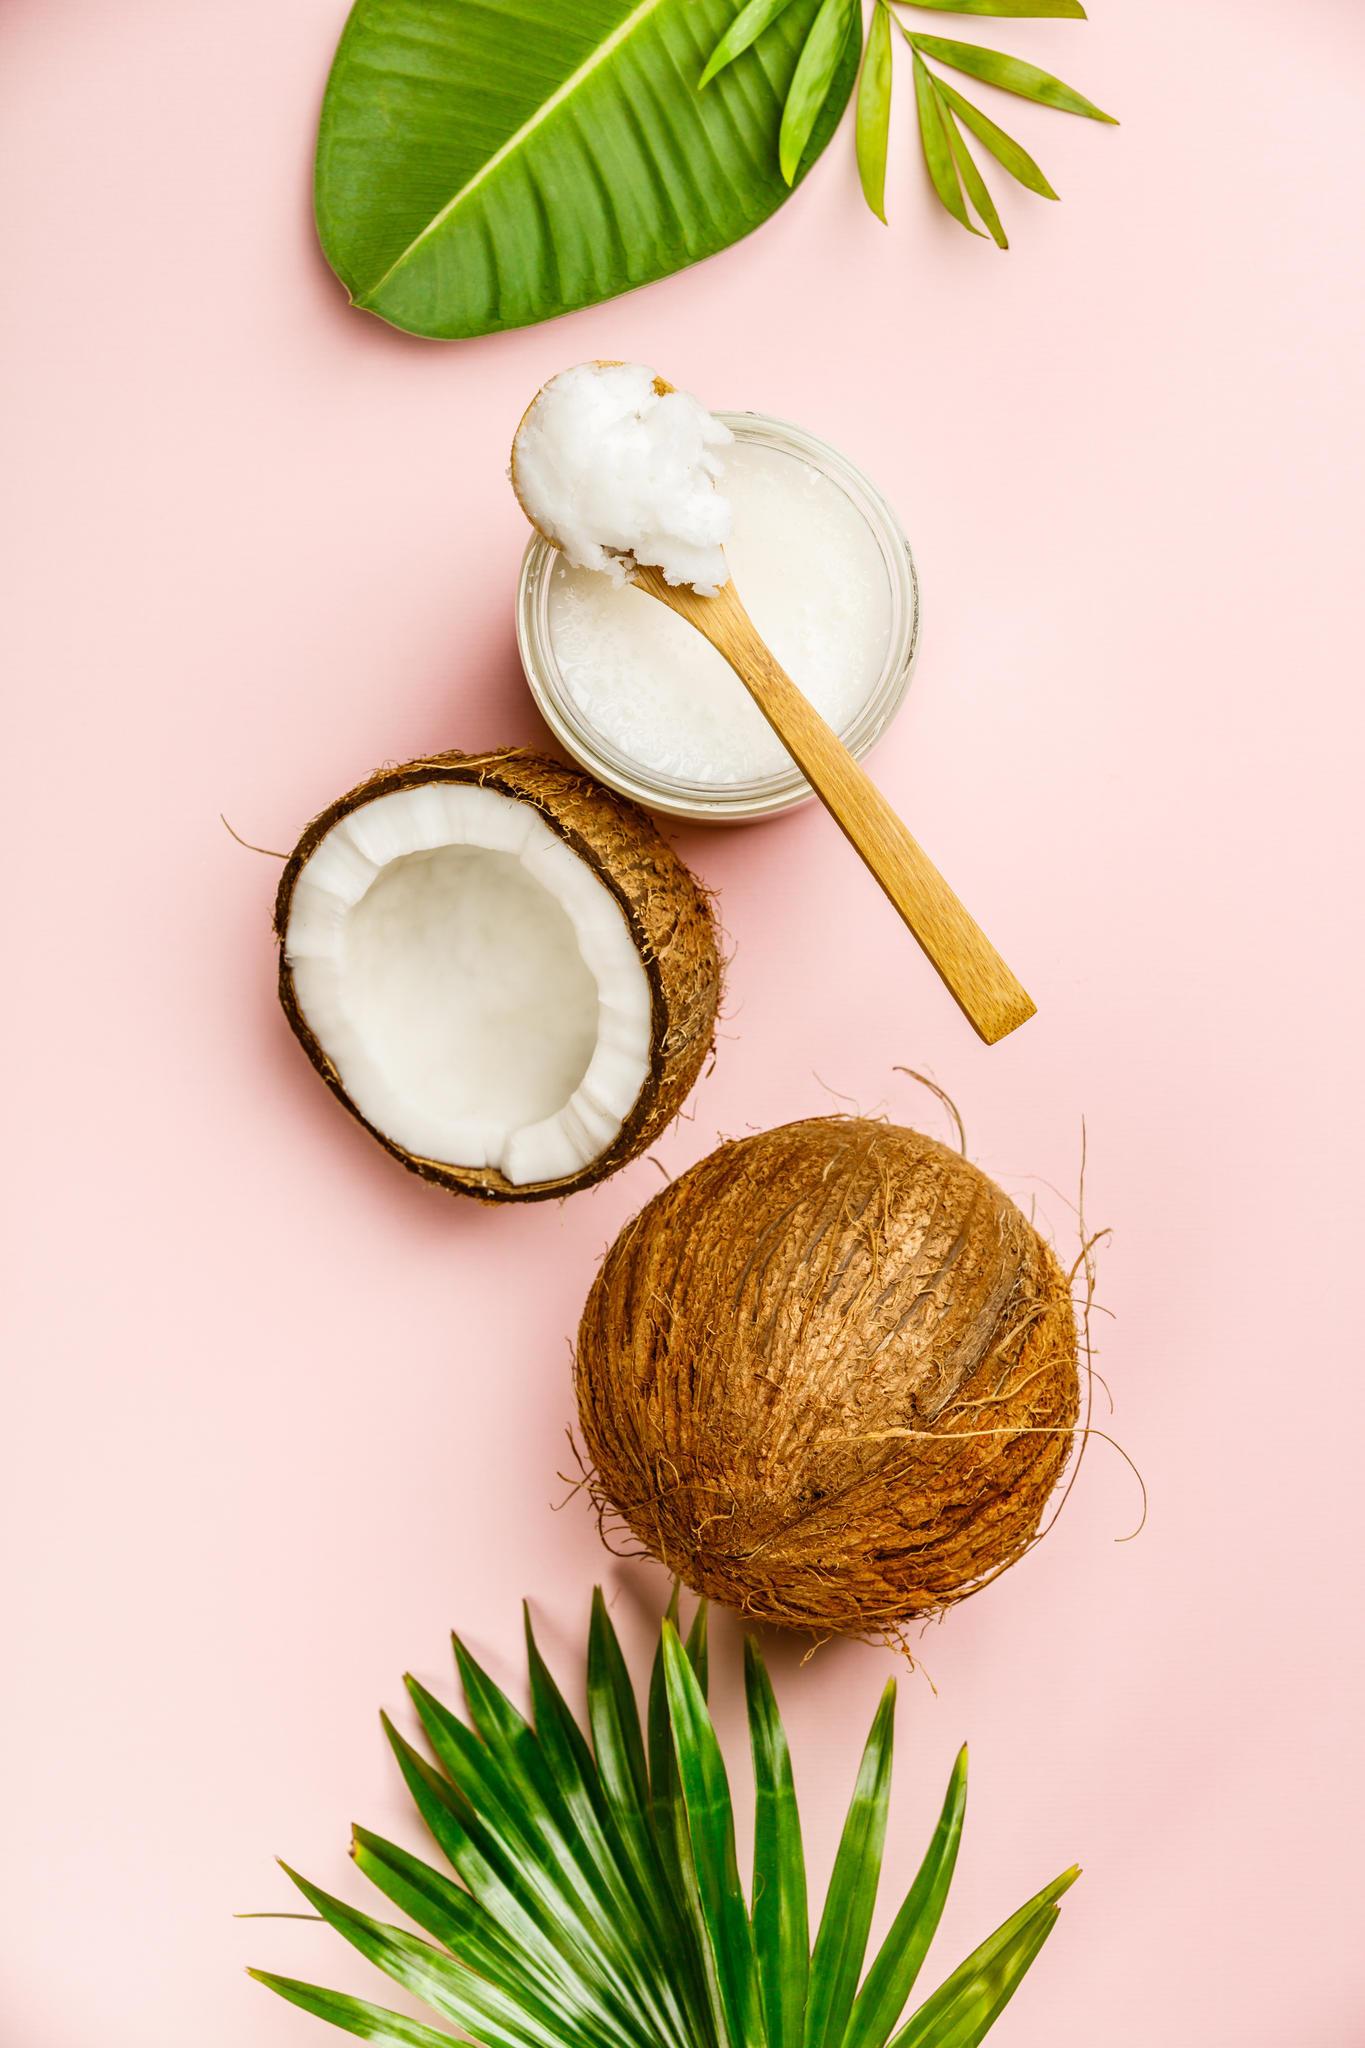 kokos-l-f-r-die-haare-so-geht-nat-rliche-haarpflege